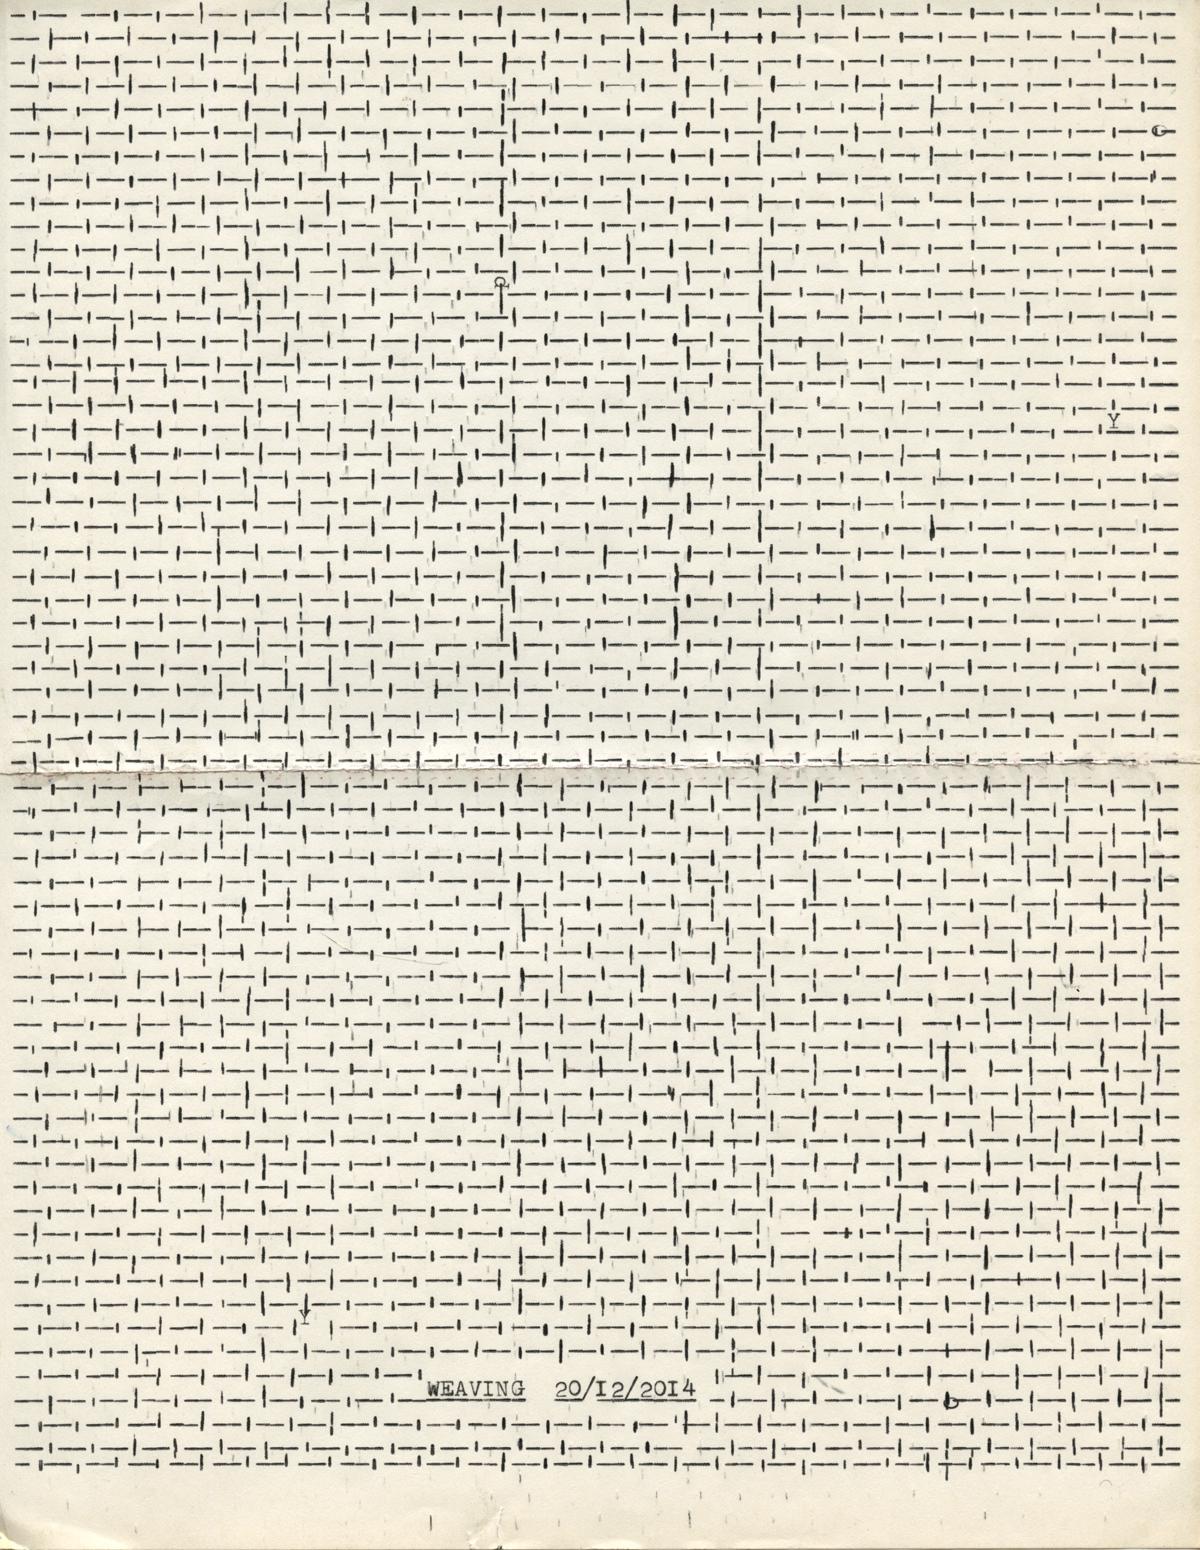 typewriter_drawing_20_12_2014.jpg